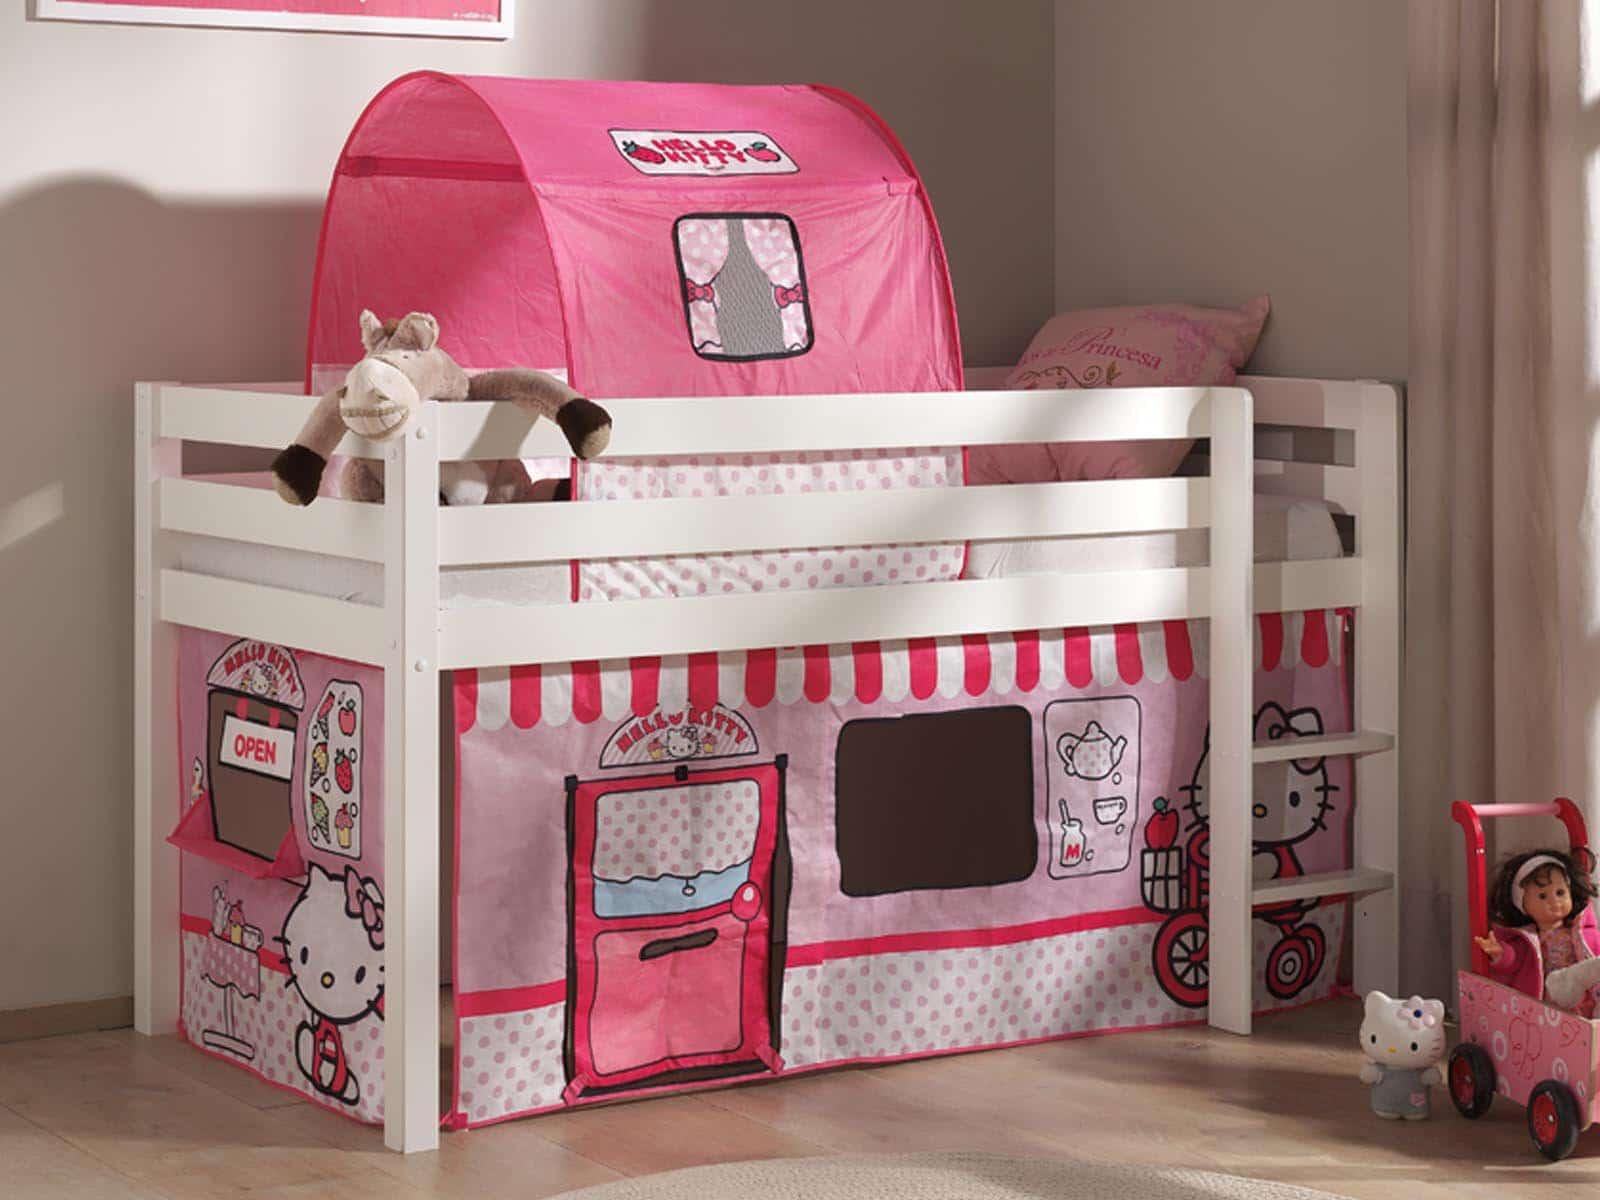 lit mezzanine enfant fille. Black Bedroom Furniture Sets. Home Design Ideas